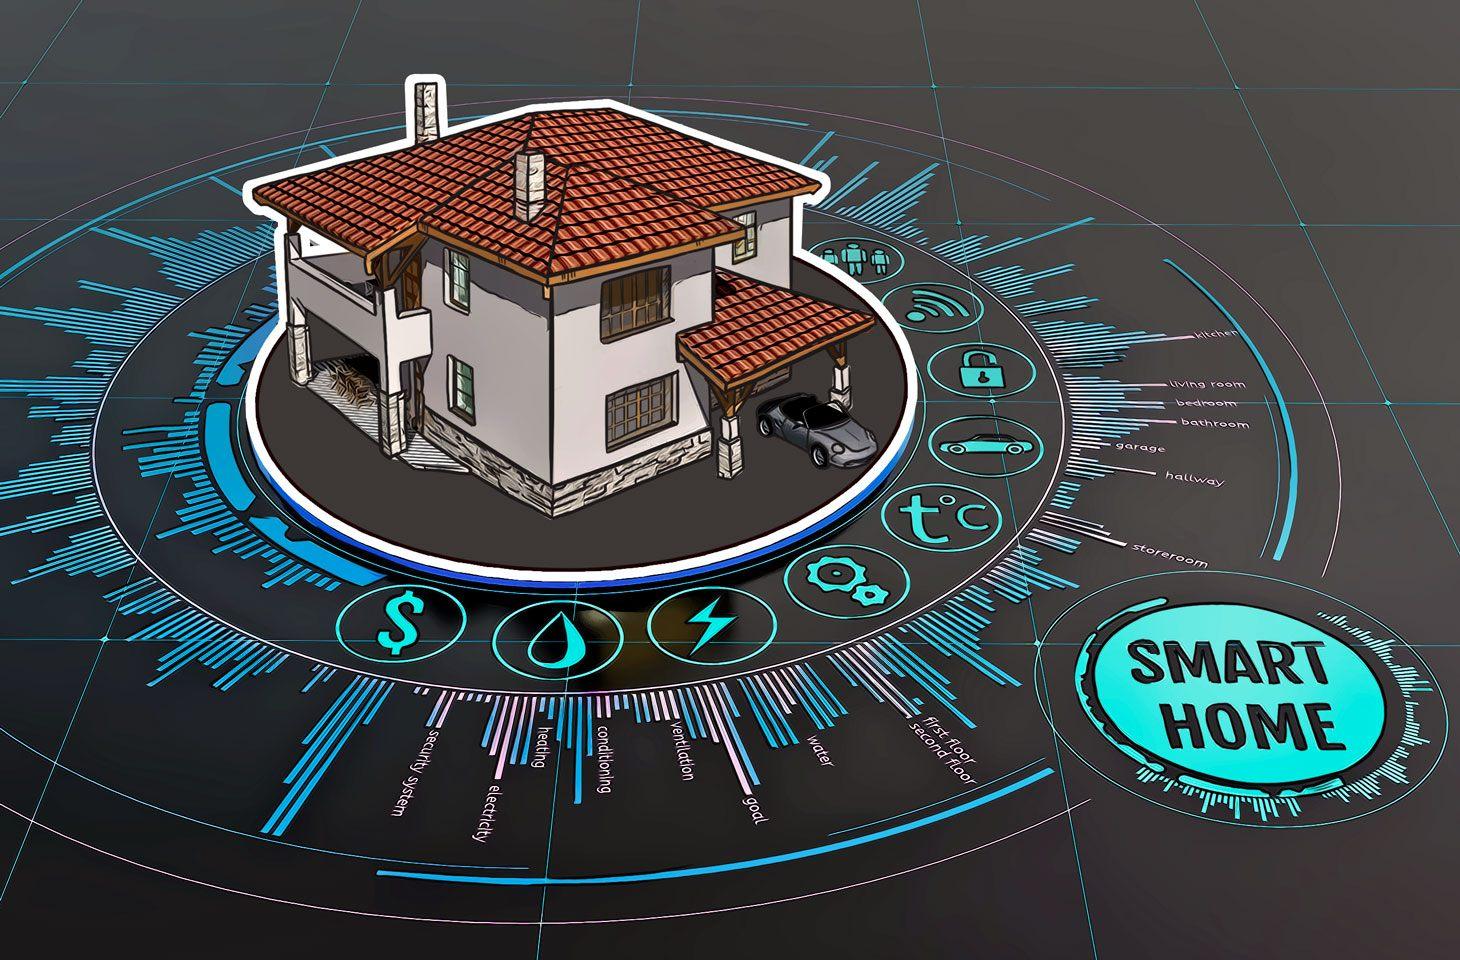 iot, smart home